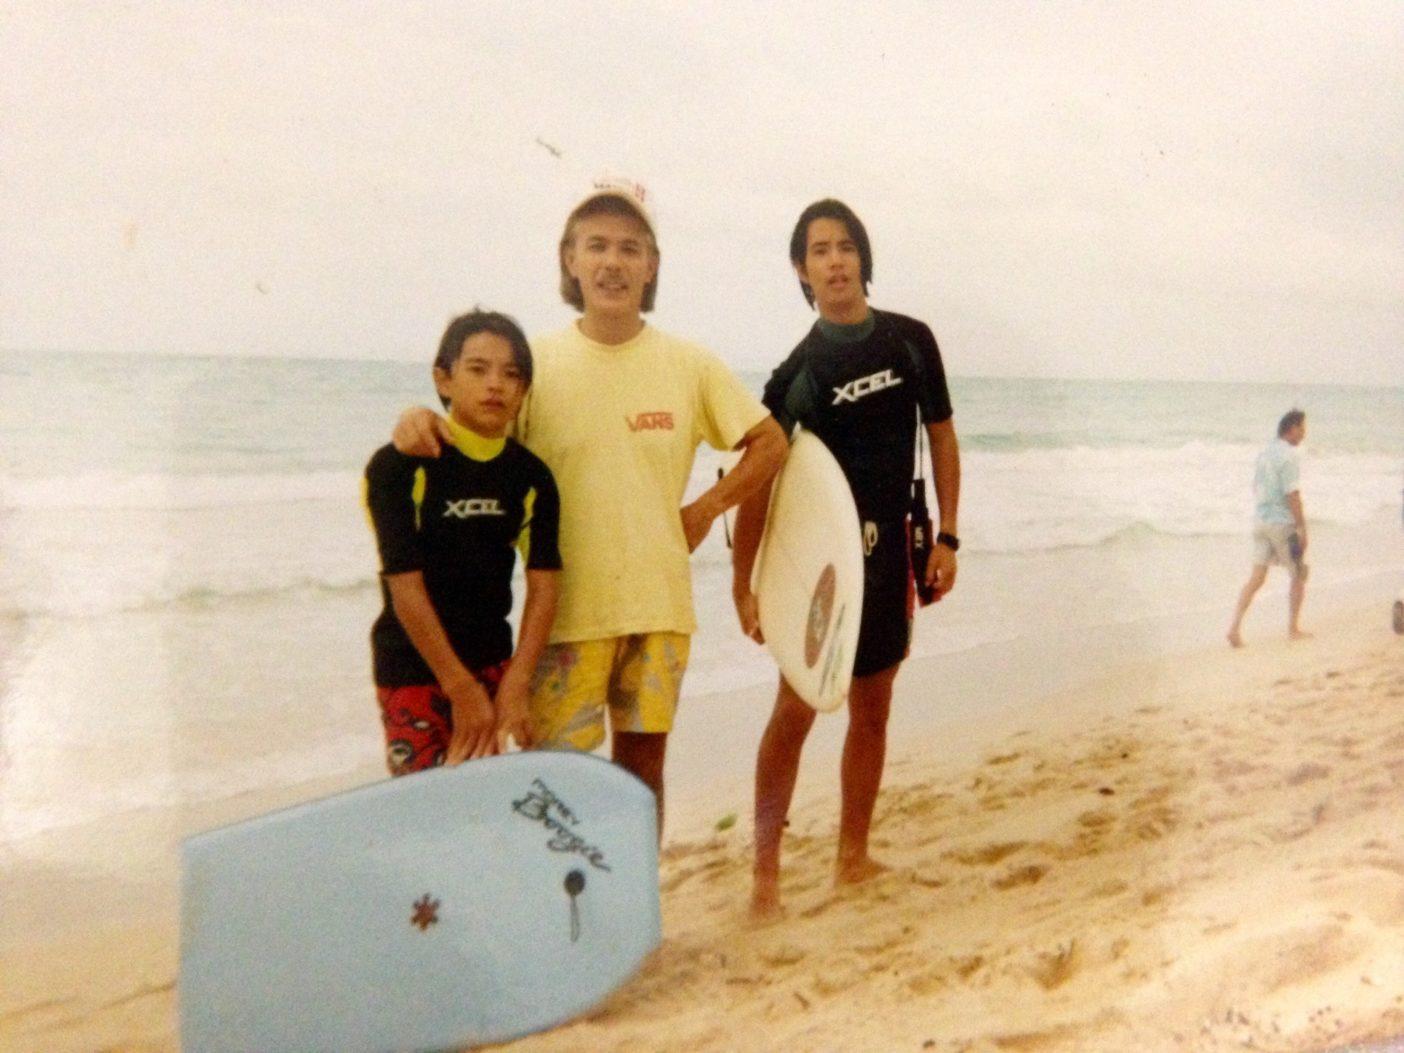 中学二年生のときにハワイに移住し、サーフィンと出会って間もないころ。弟と親父とカイルアビーチにて。写真:眞木勇人